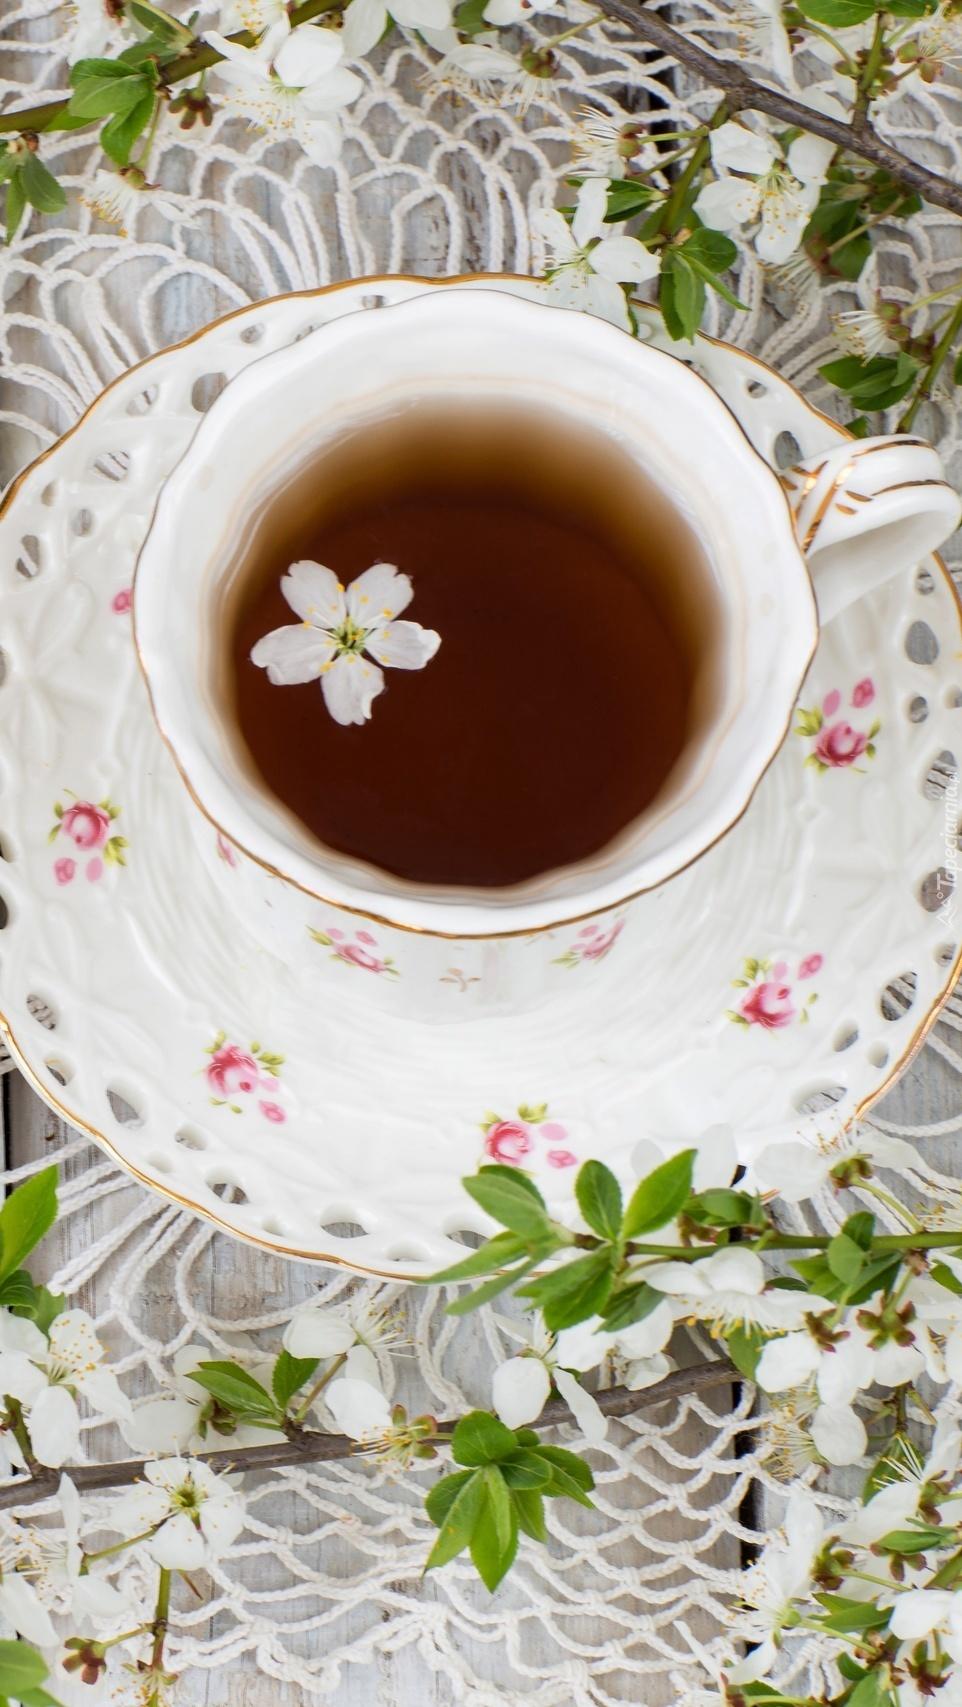 Filiżanka z herbatą na koronkowej serwecie